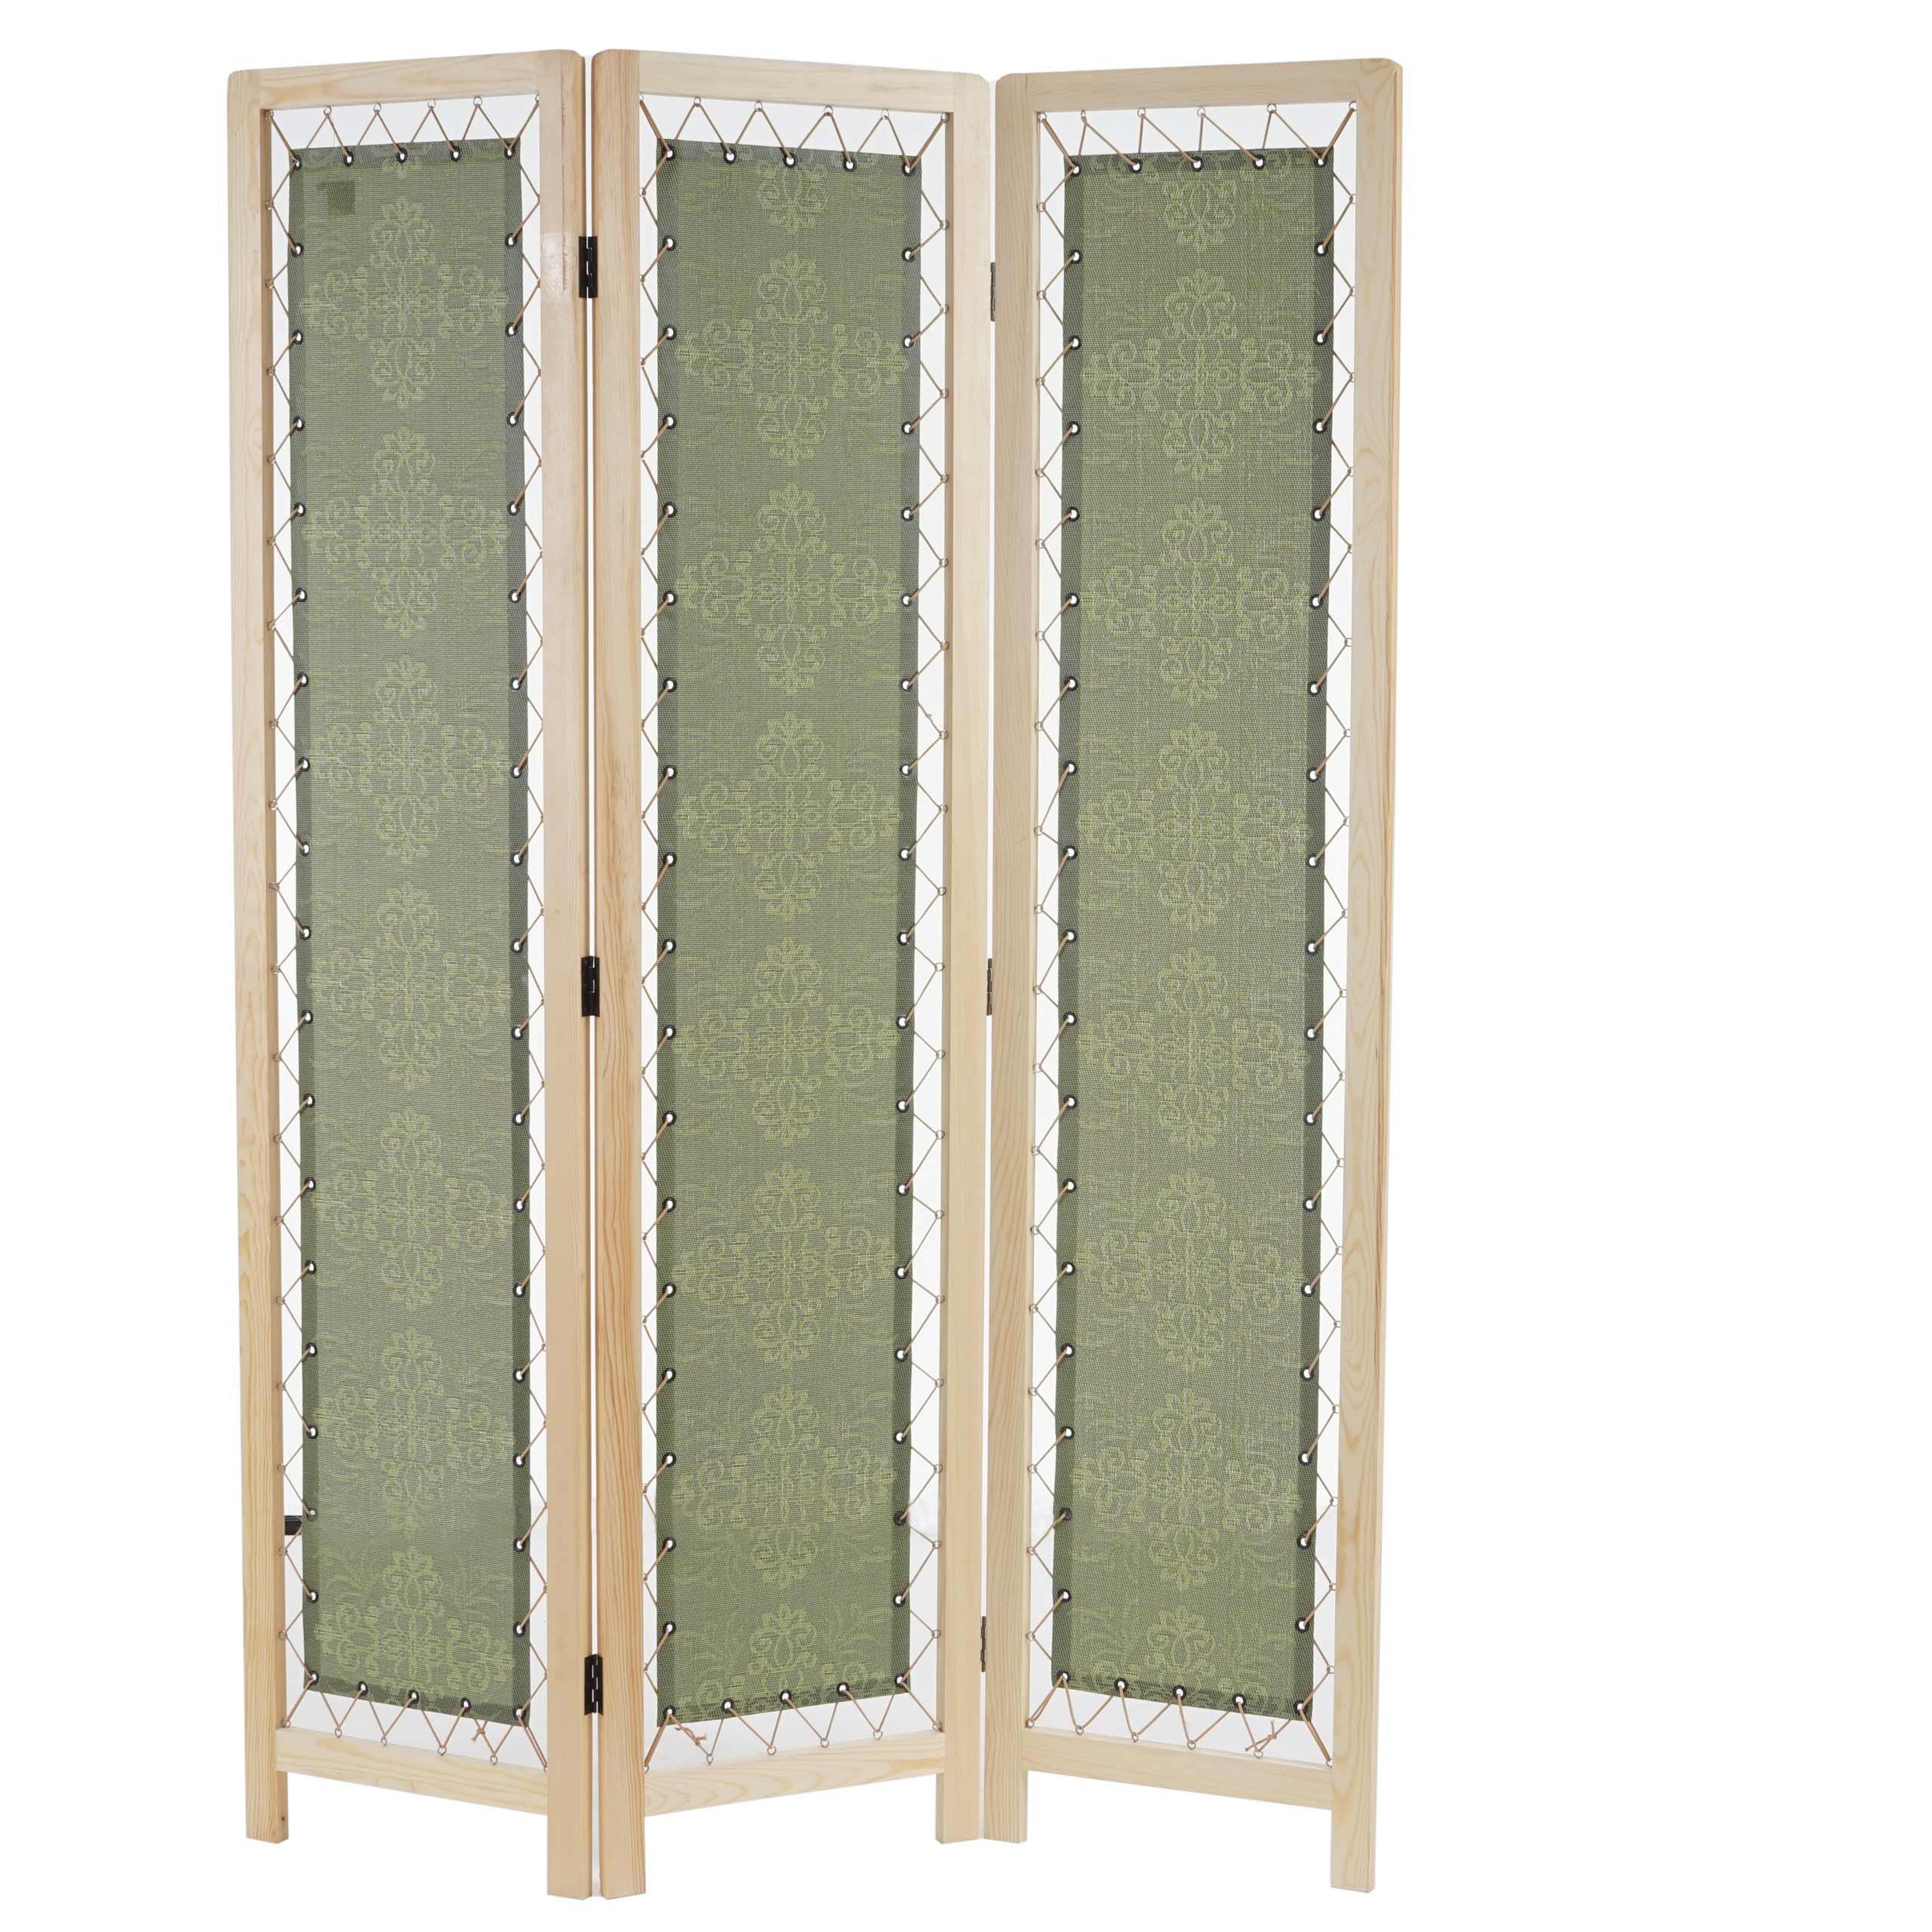 biombo paneles jokul xxcm estructura de madera con tapizado de tela